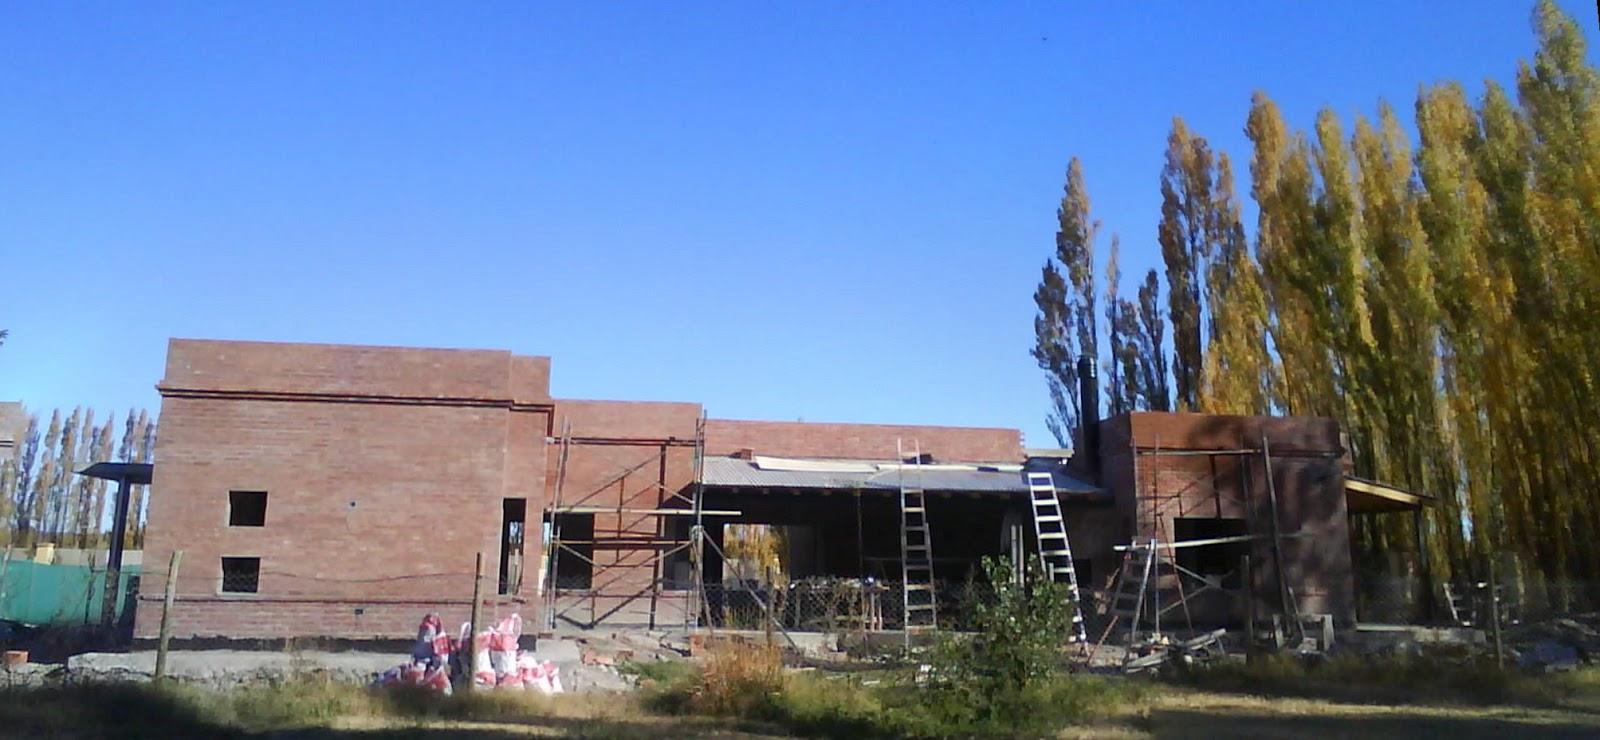 Moya arquitectura construccion casa de campo - Construccion casas de campo ...